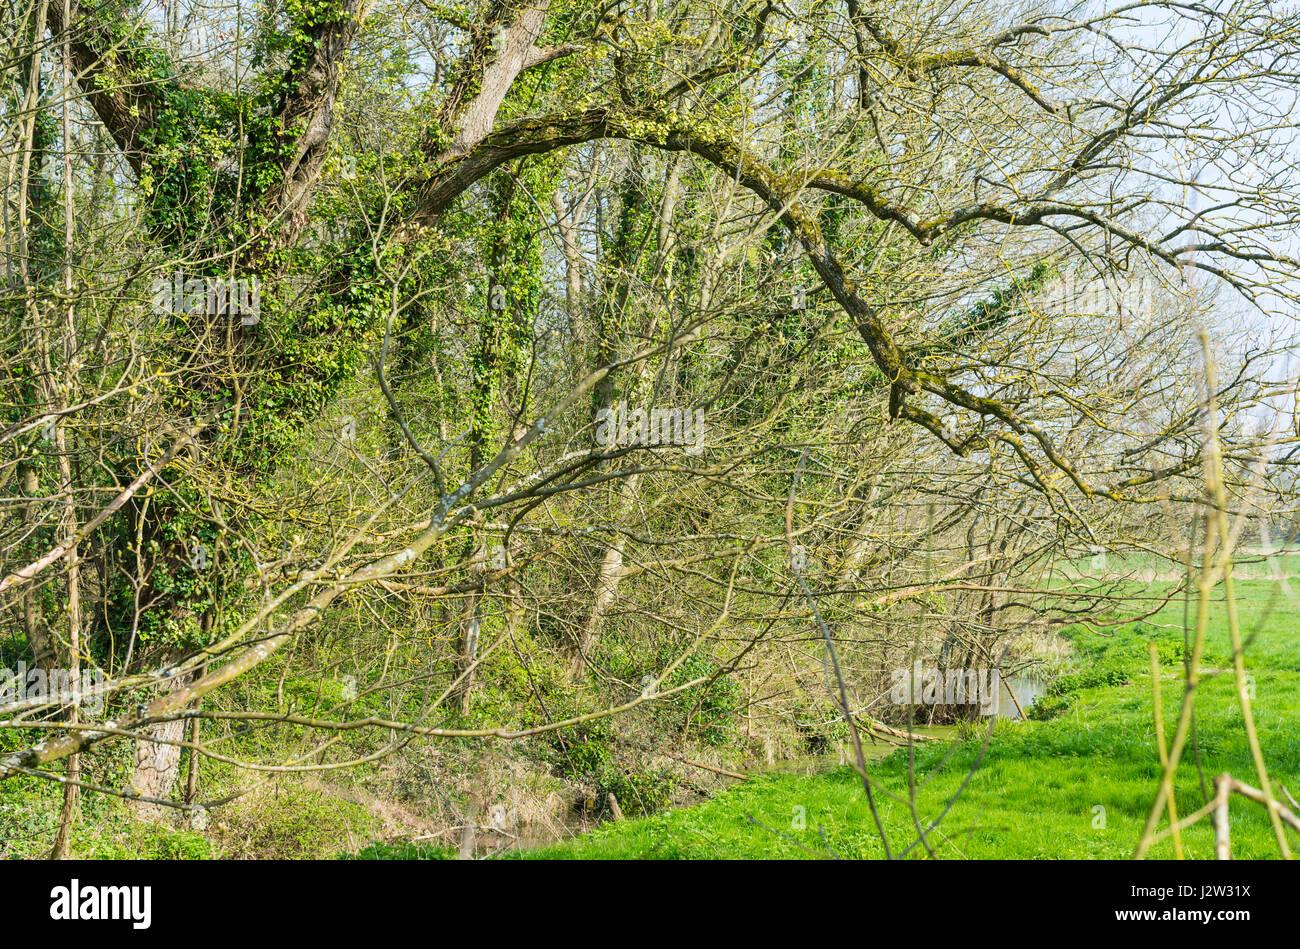 Les arbres sans feuilles au début du printemps que les feuilles commencent à se développer en arrière, Photo Stock